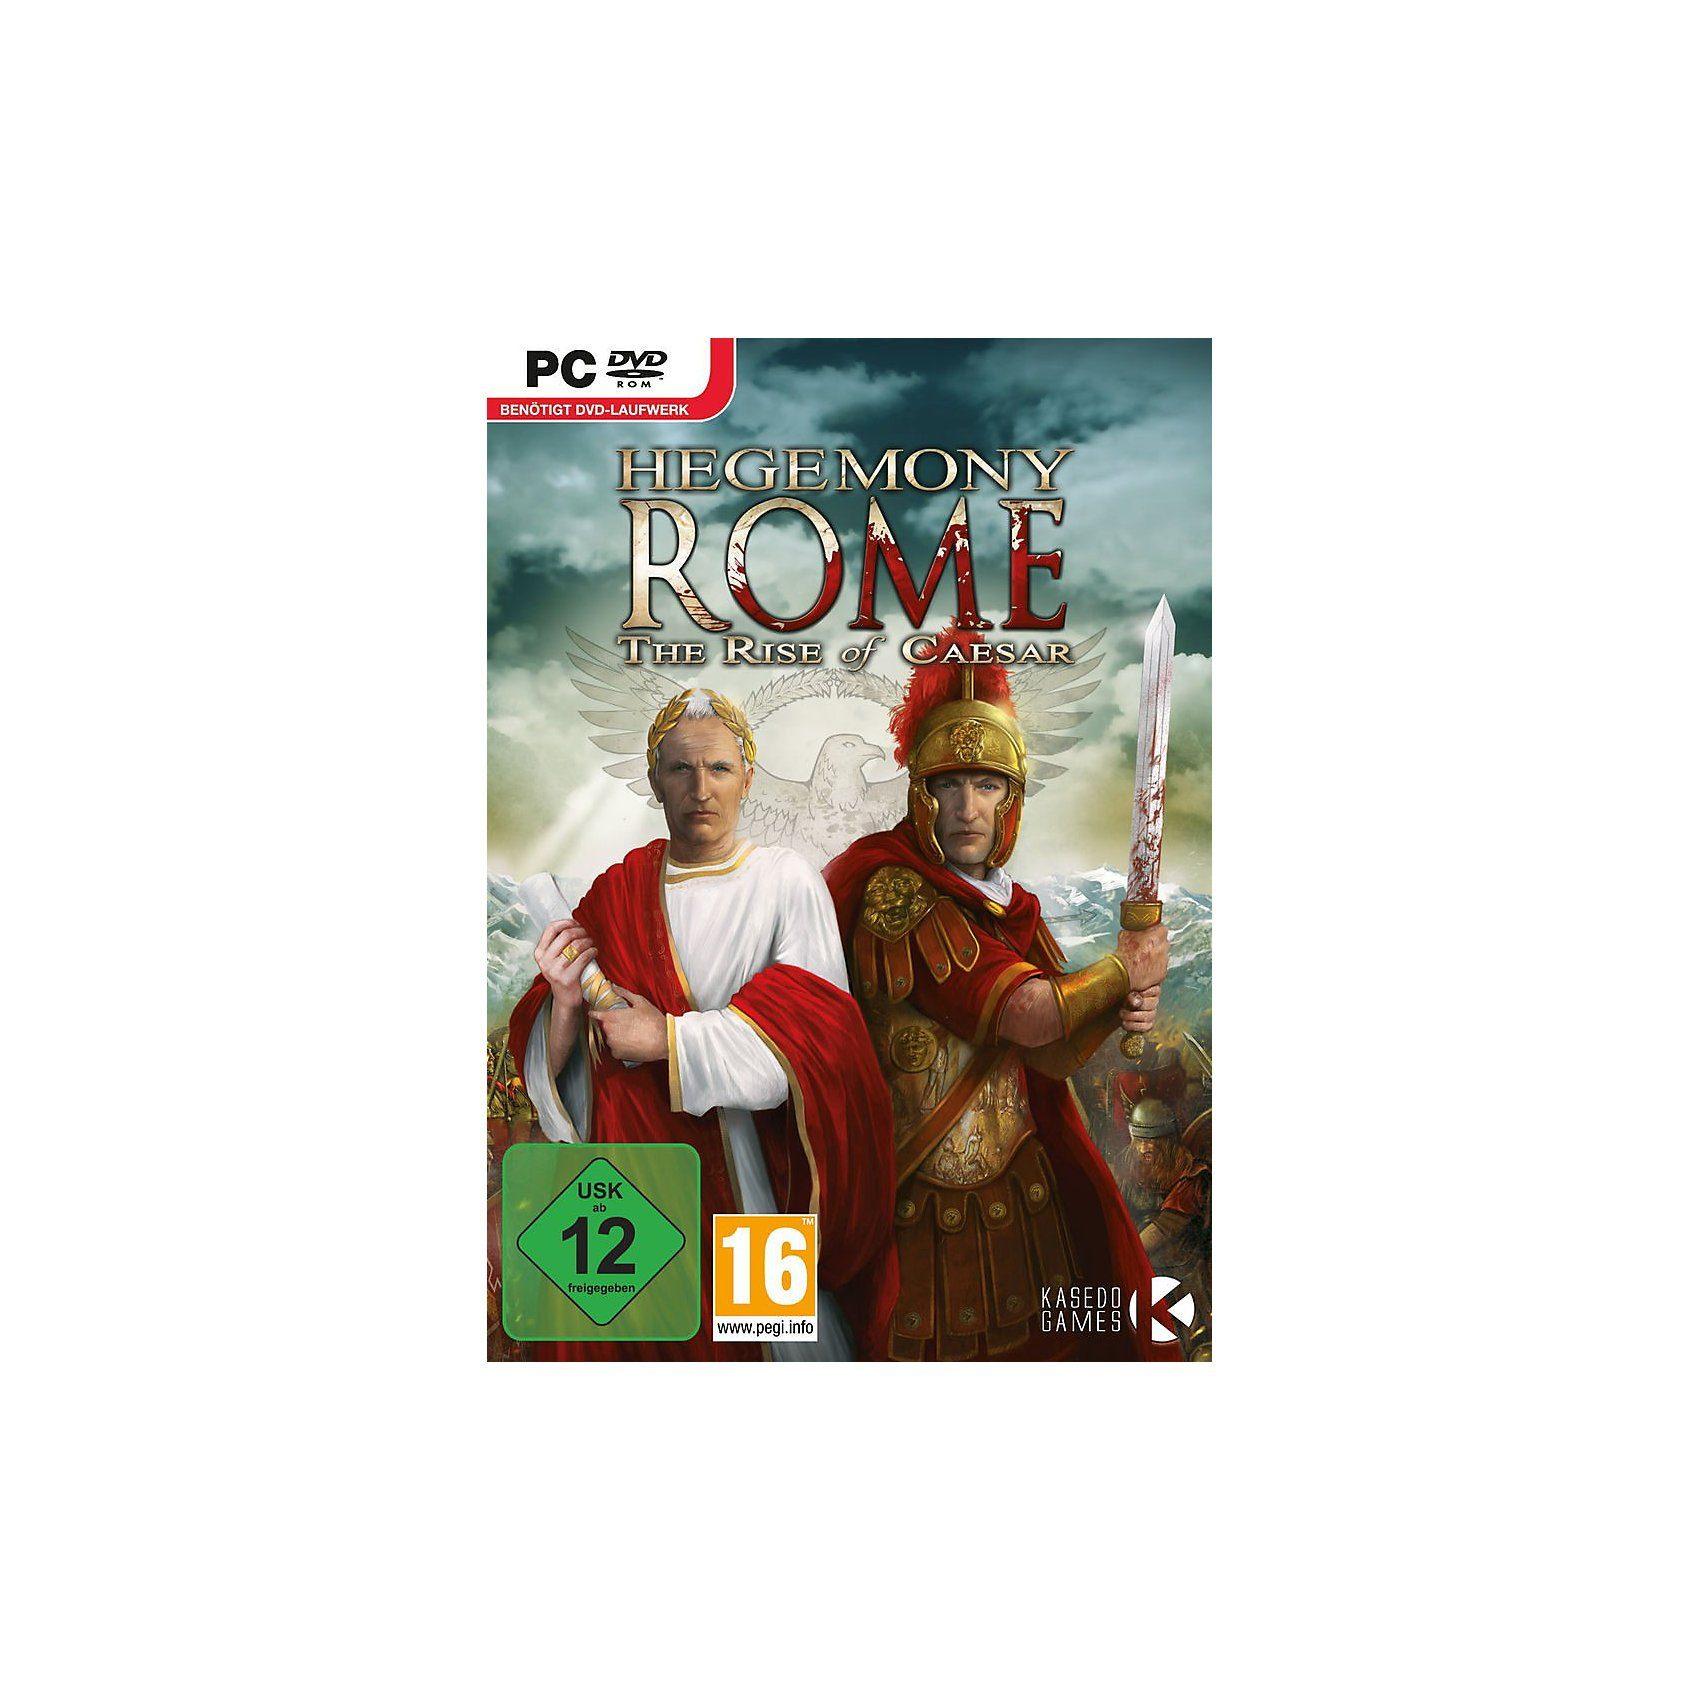 PC Hegemony Rome: The Rise of Caesar